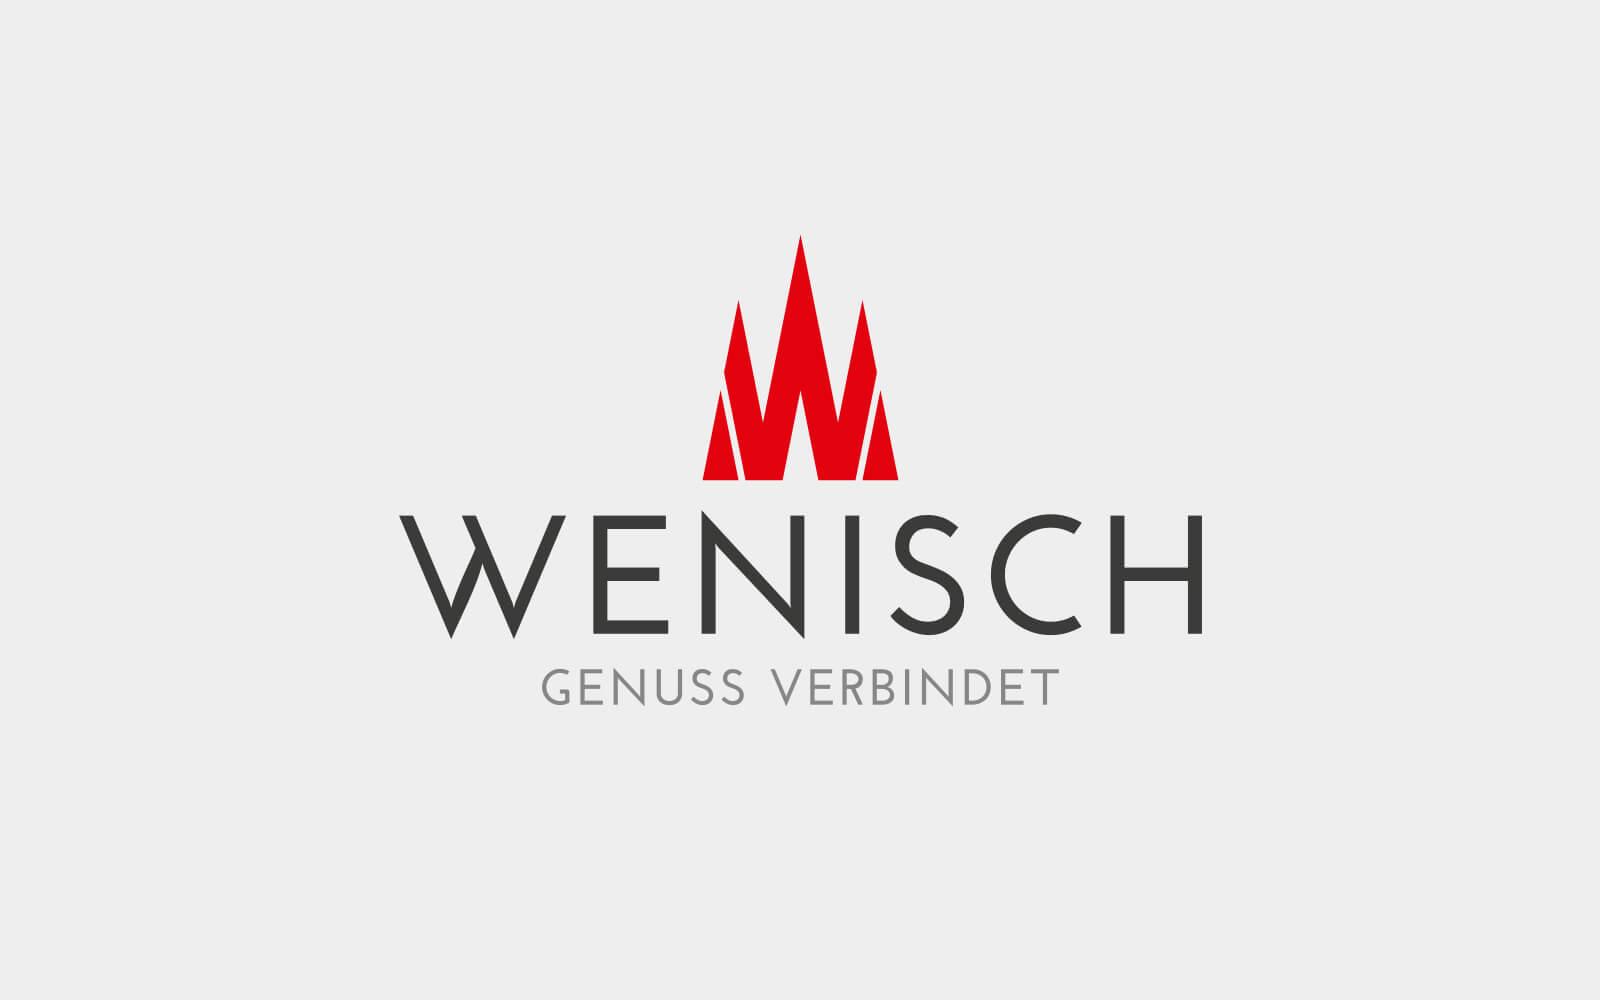 Wenisch – Dachmarke farbig